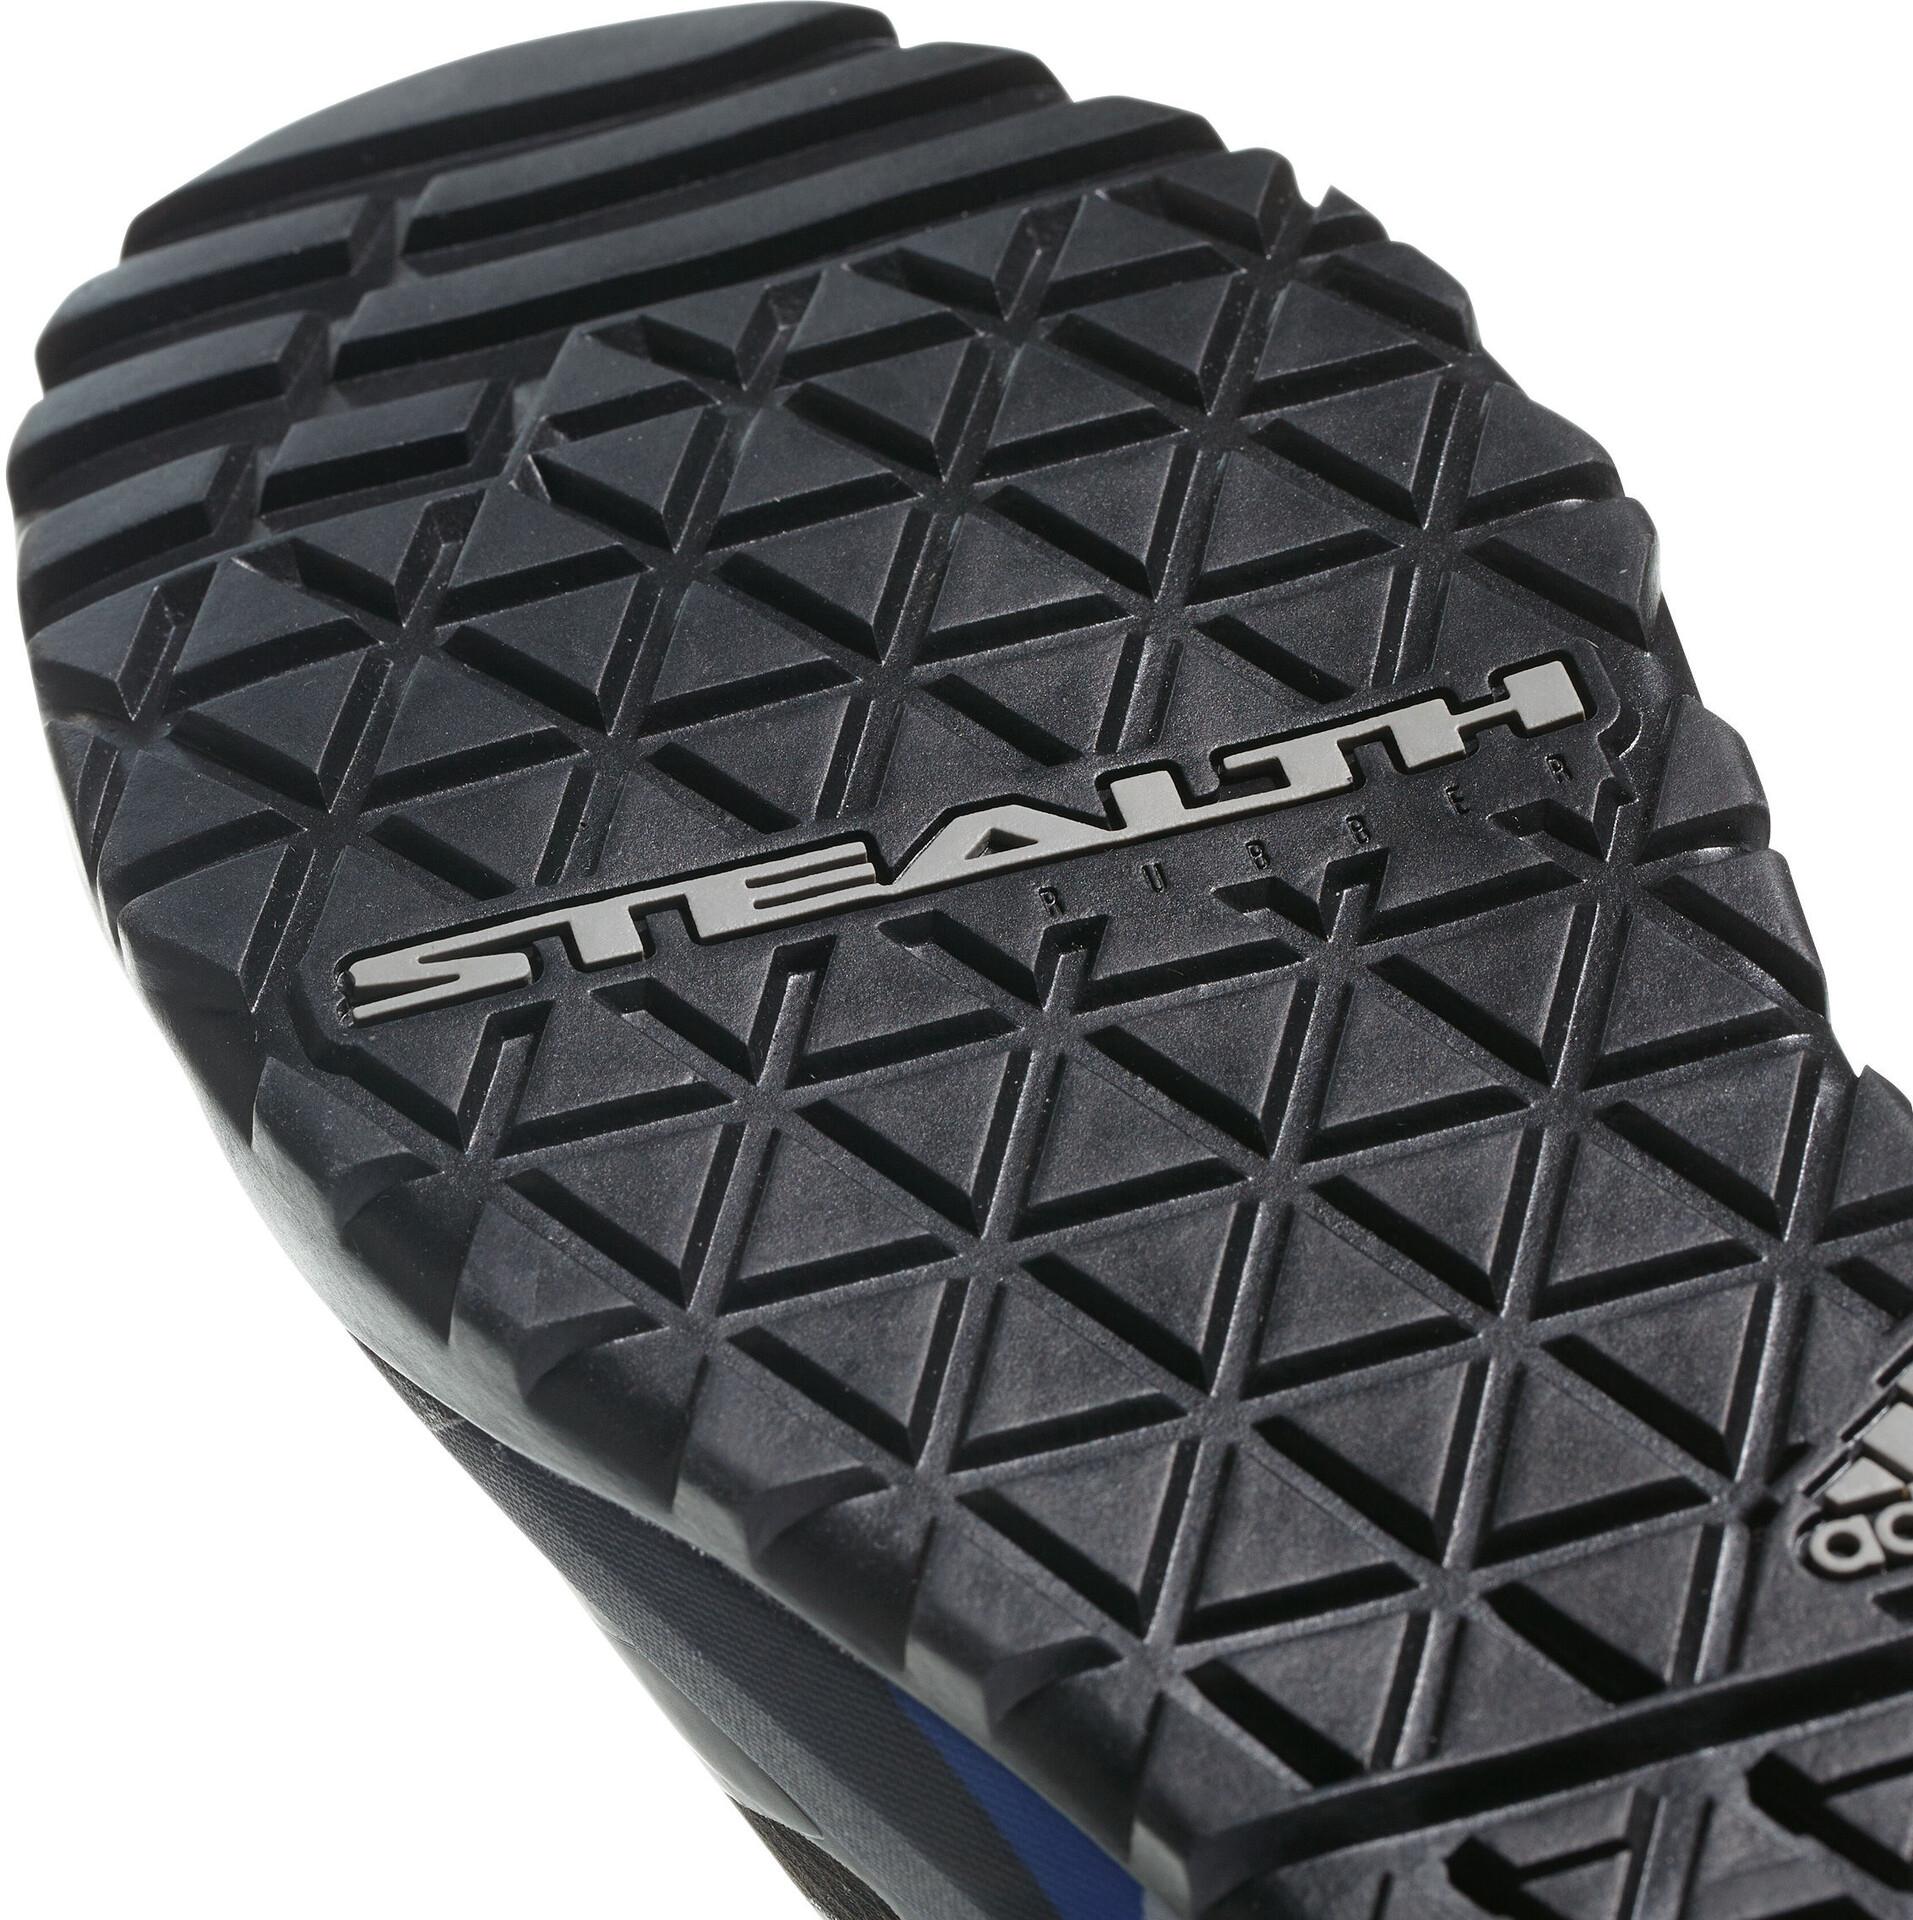 adidas TERREX Trail Cross Protect Buty Mężczyźni, blue beautycore blackcollegiate navy